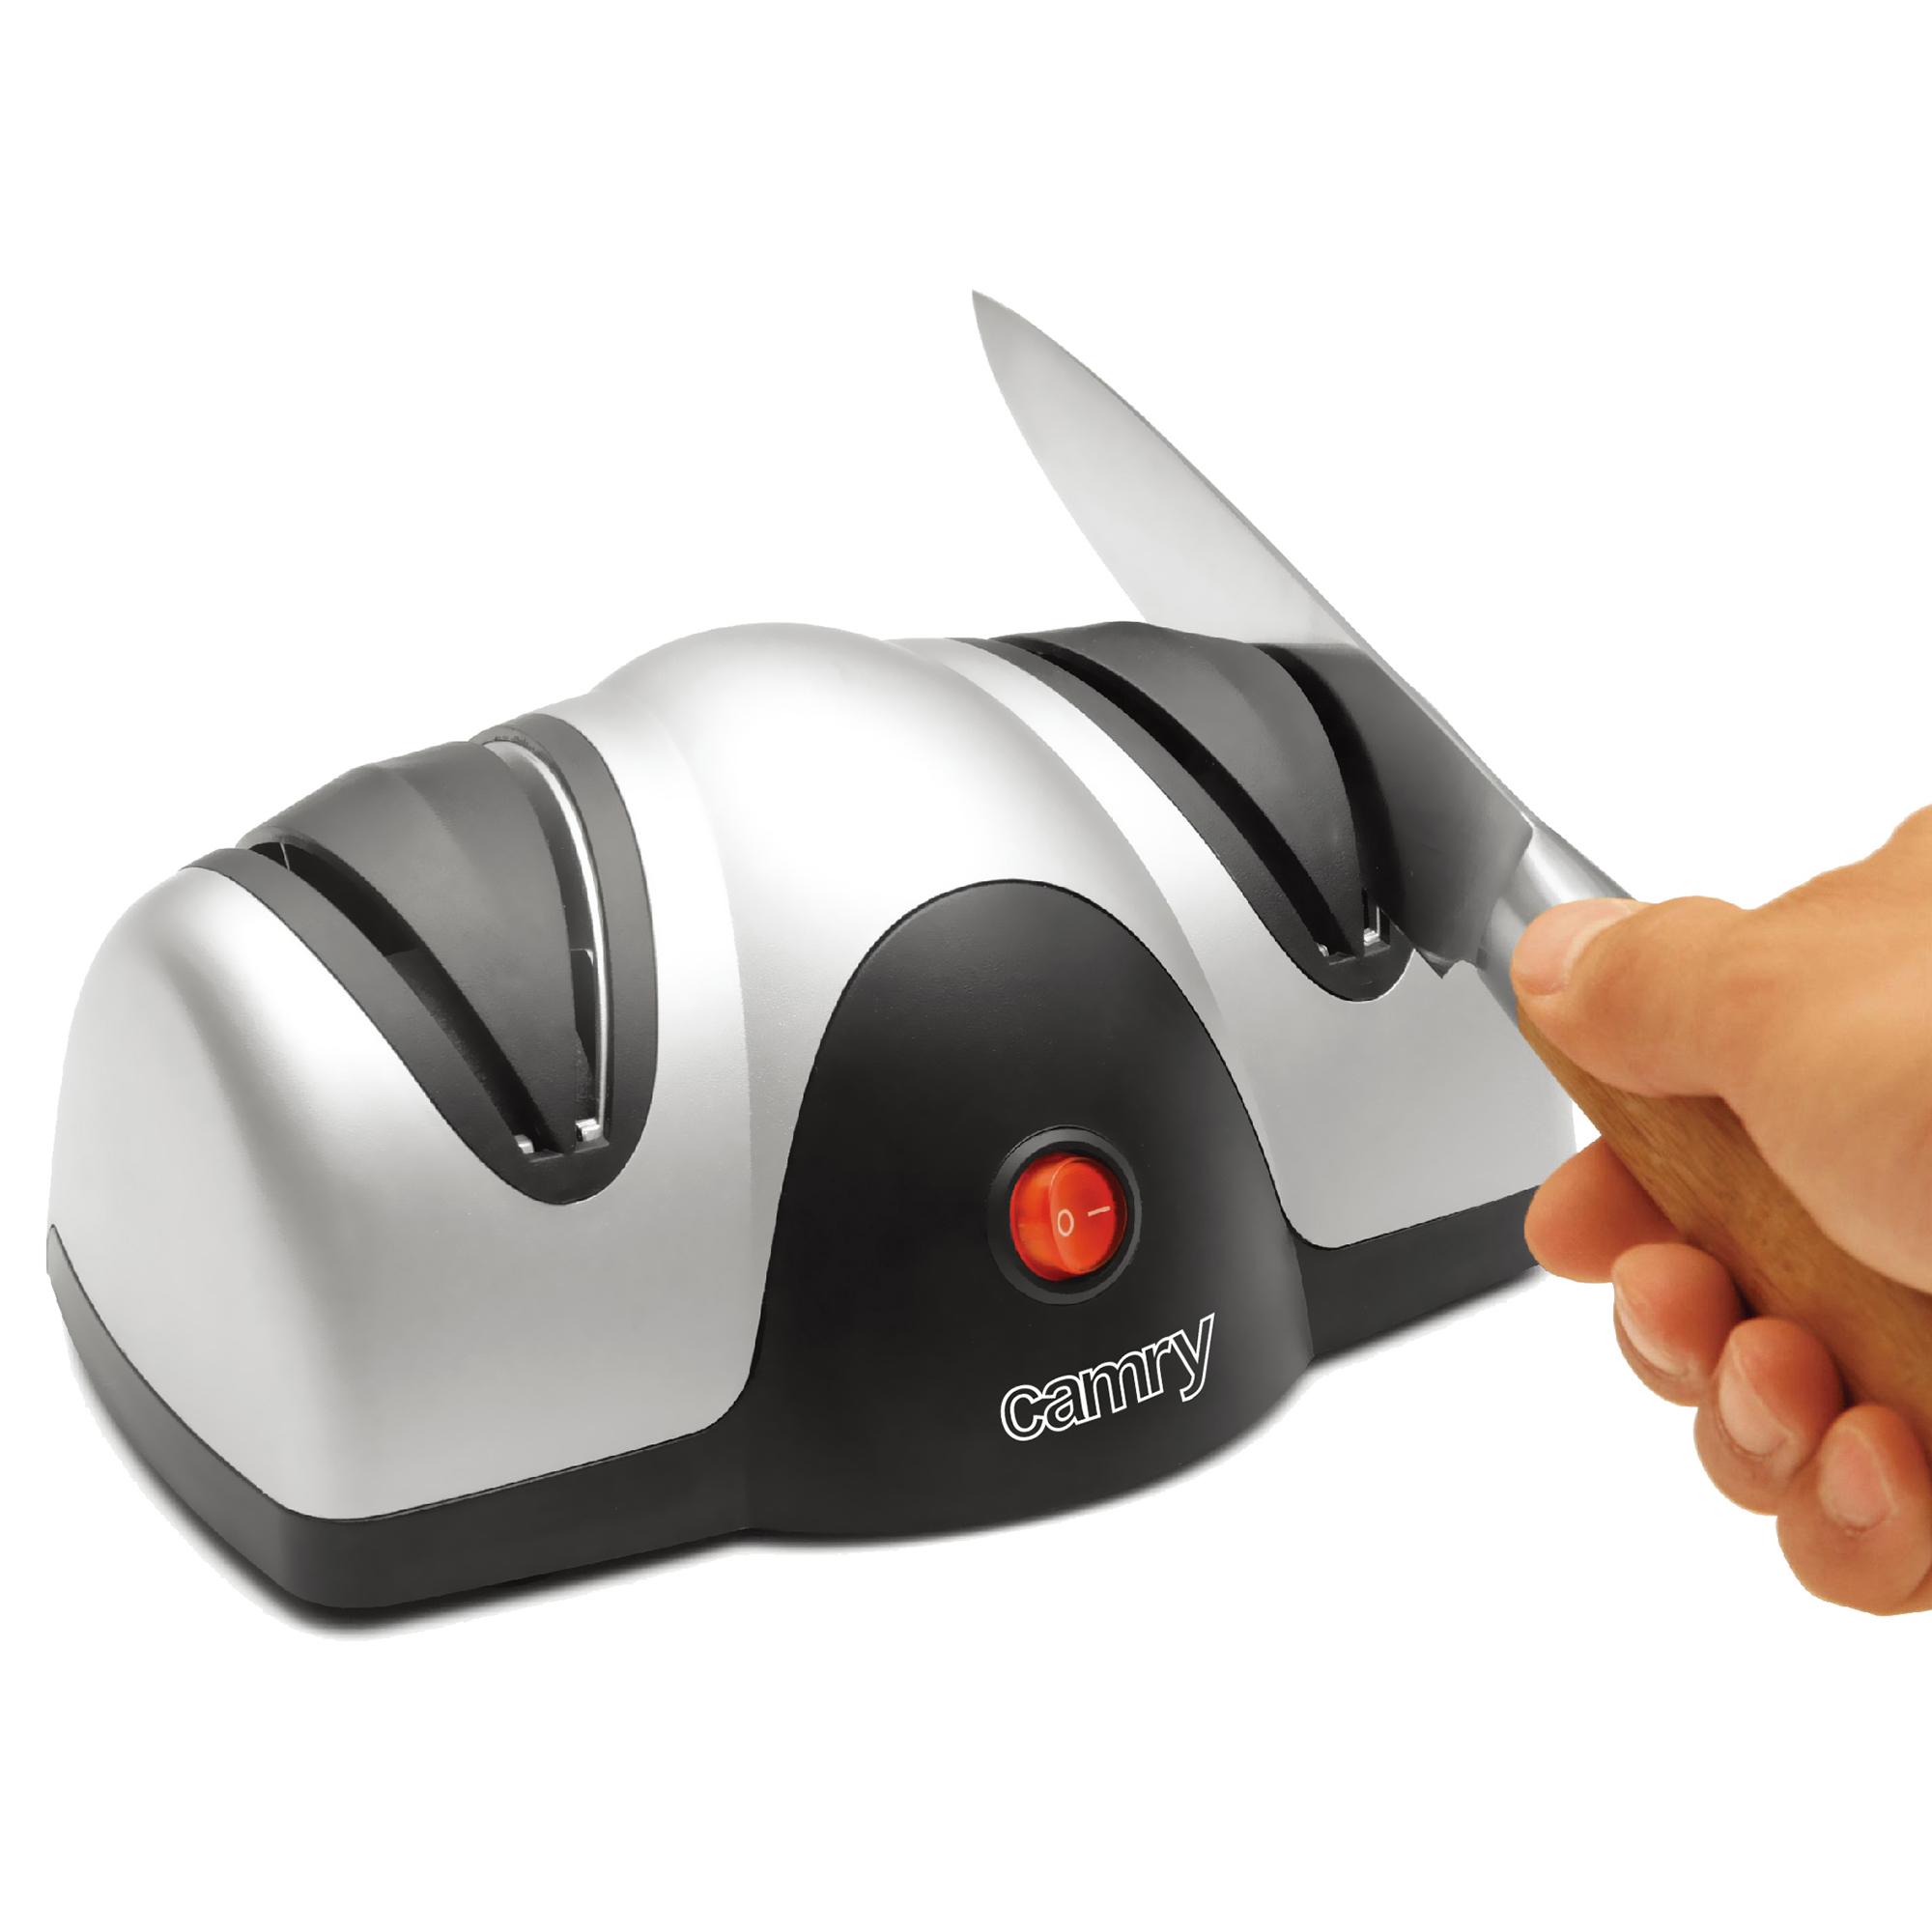 CAMRY CR4469 Afilador de Cuchillos Eléctrico Profesional, Guía de Ángulo, Afilado y Pulido, 40W